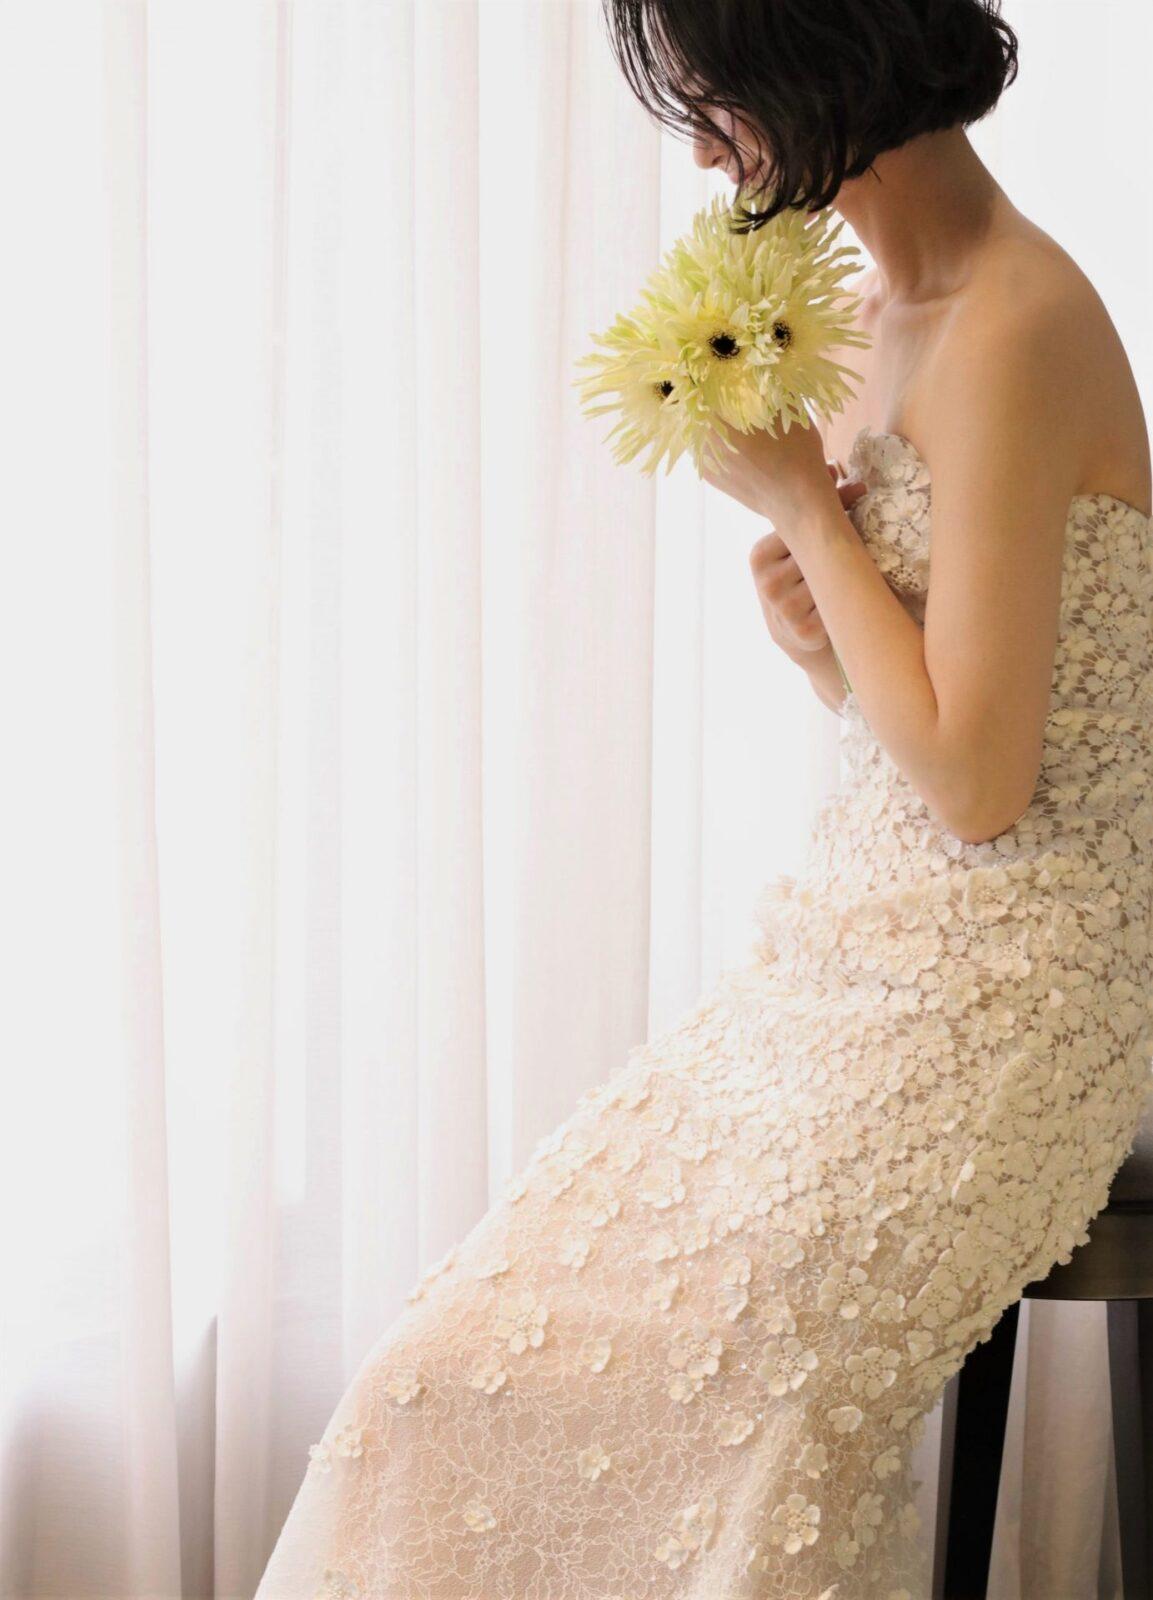 THE TREAT DRESSING ADDITION店にOscar de la Rentaより入荷した新作のウェディングドレスは膝元から裾元にかけてヌーディーに透けるようにデザインされている為、温かな自然光が差し込むと透明感を放ちます